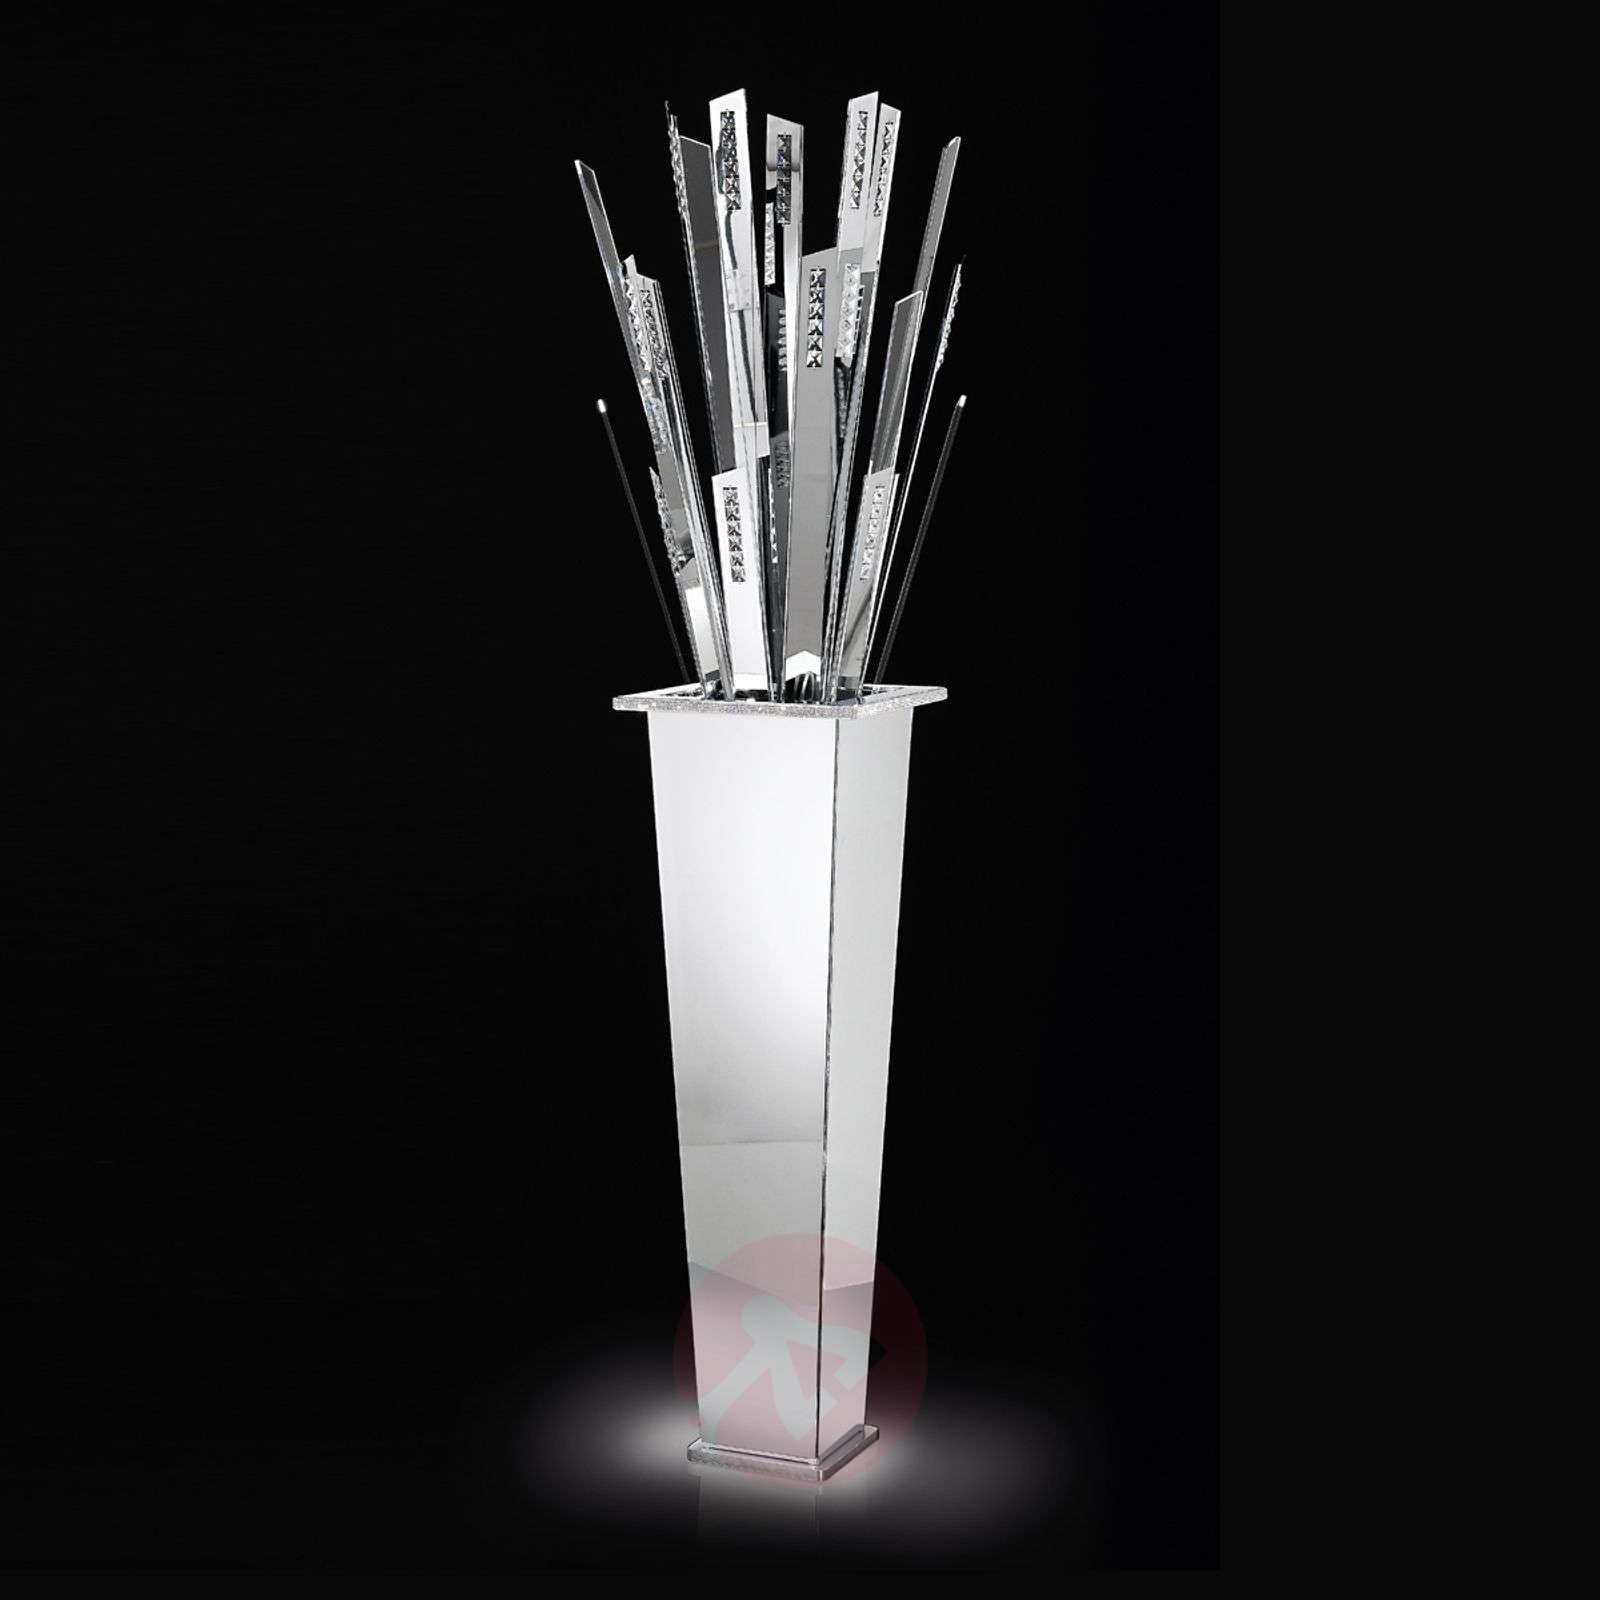 Vaikuttava LED-lattiavalaisin SKYLINE valkoinen-5016212-01